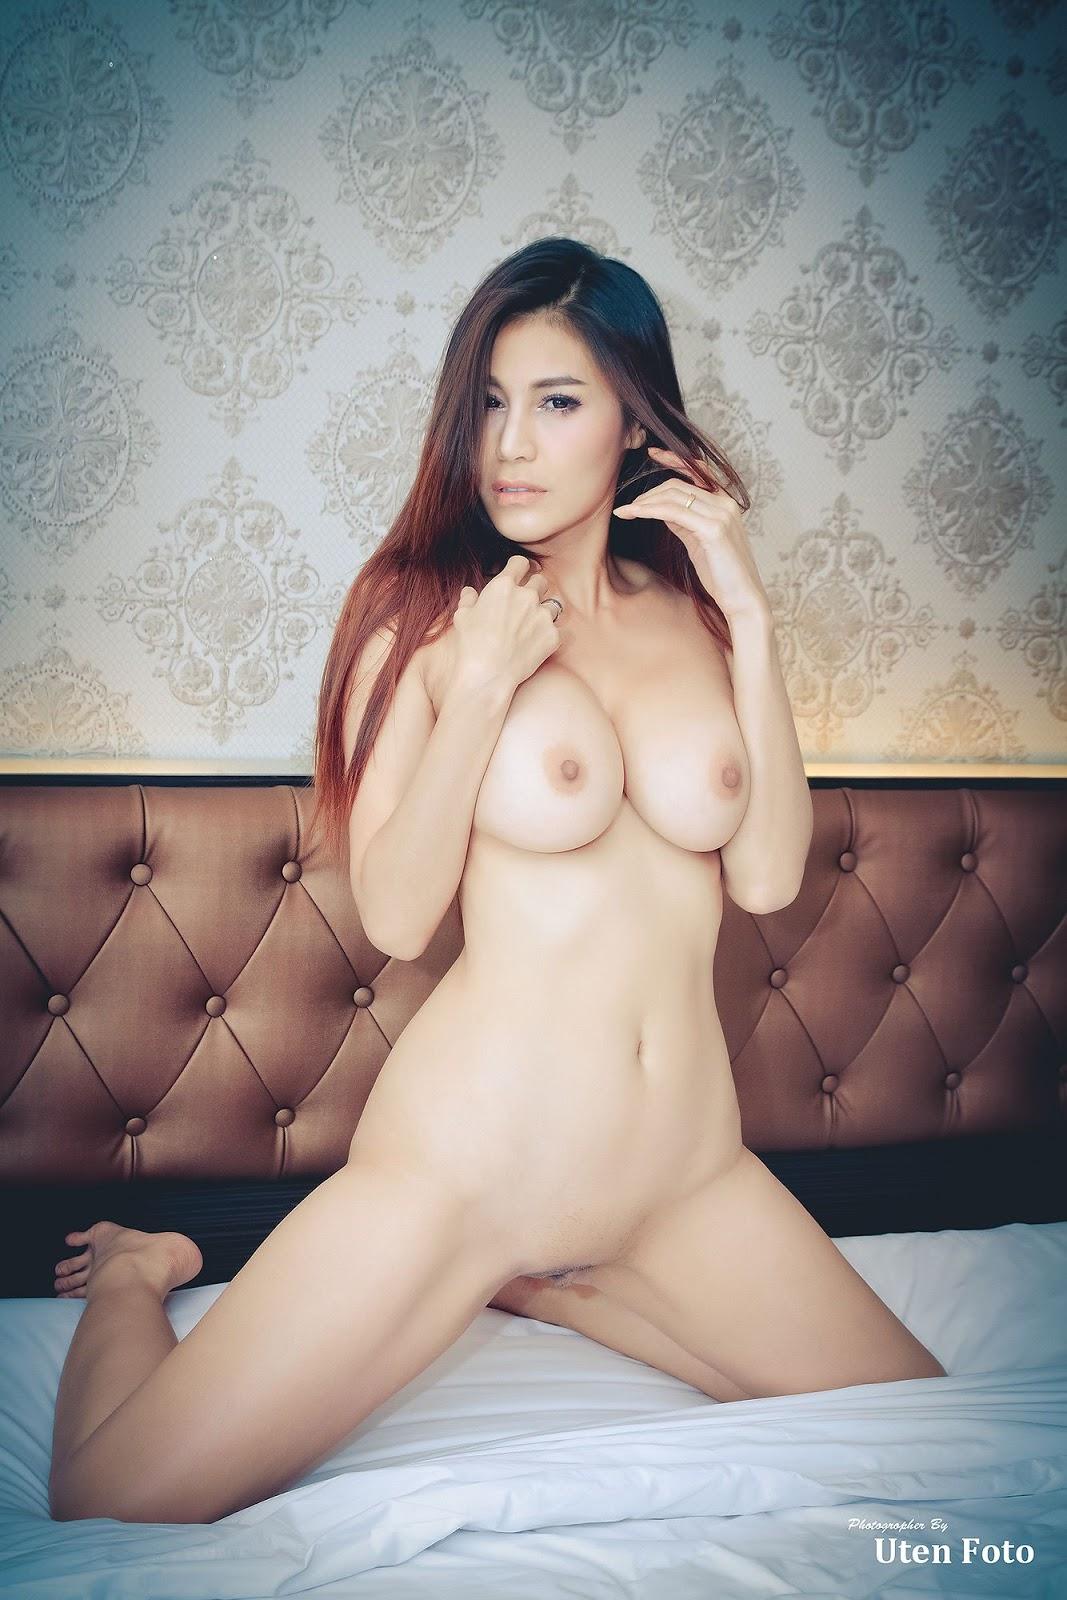 yai foto mix 17 tbaxgirl xxx asian sexy girls